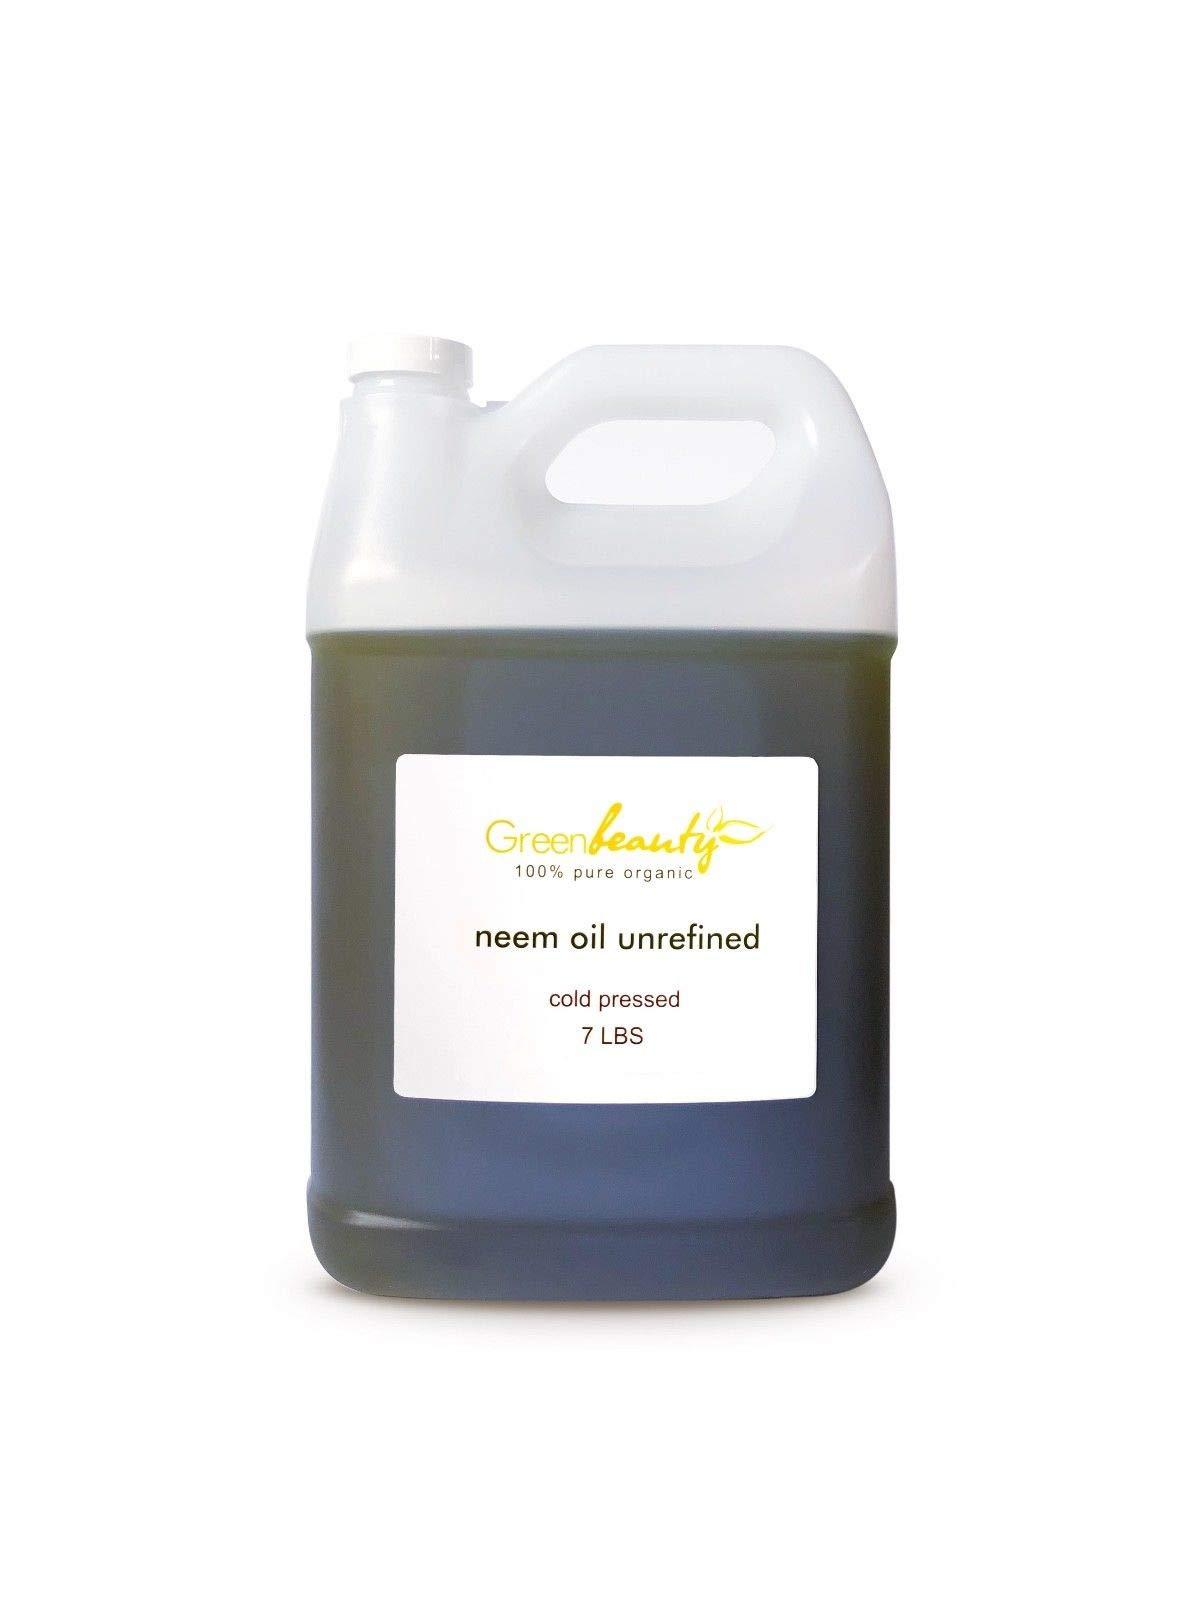 NEEM OIL 100% PURE VIRGIN UNREFINED ORGANIC COLD PRESSED 7 LBS/1 GALLON